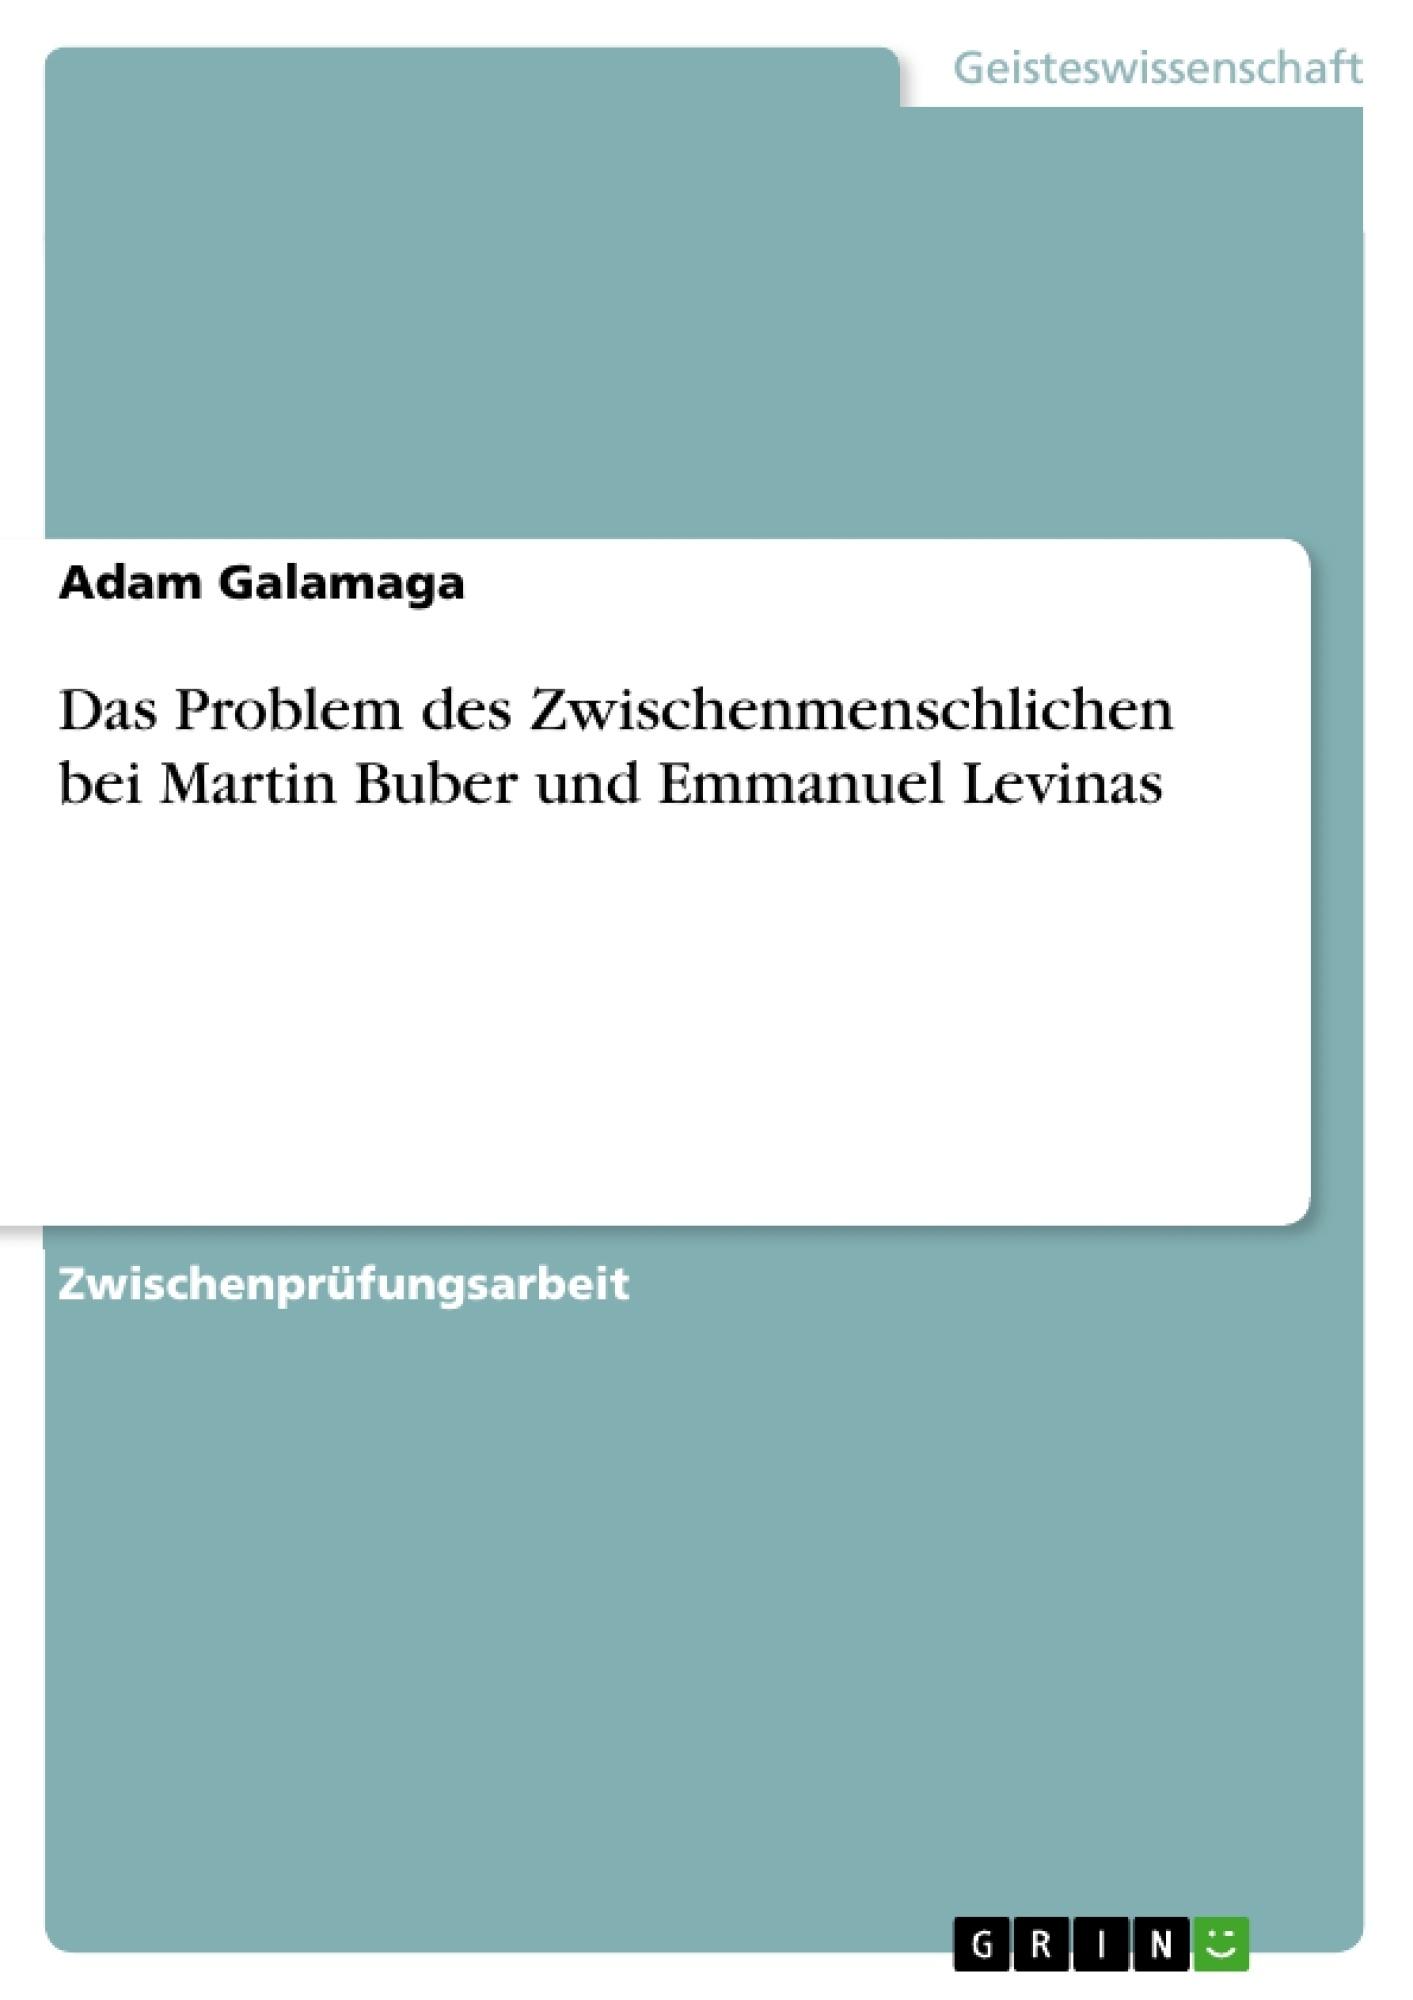 Titel: Das Problem des Zwischenmenschlichen bei Martin Buber und Emmanuel Levinas